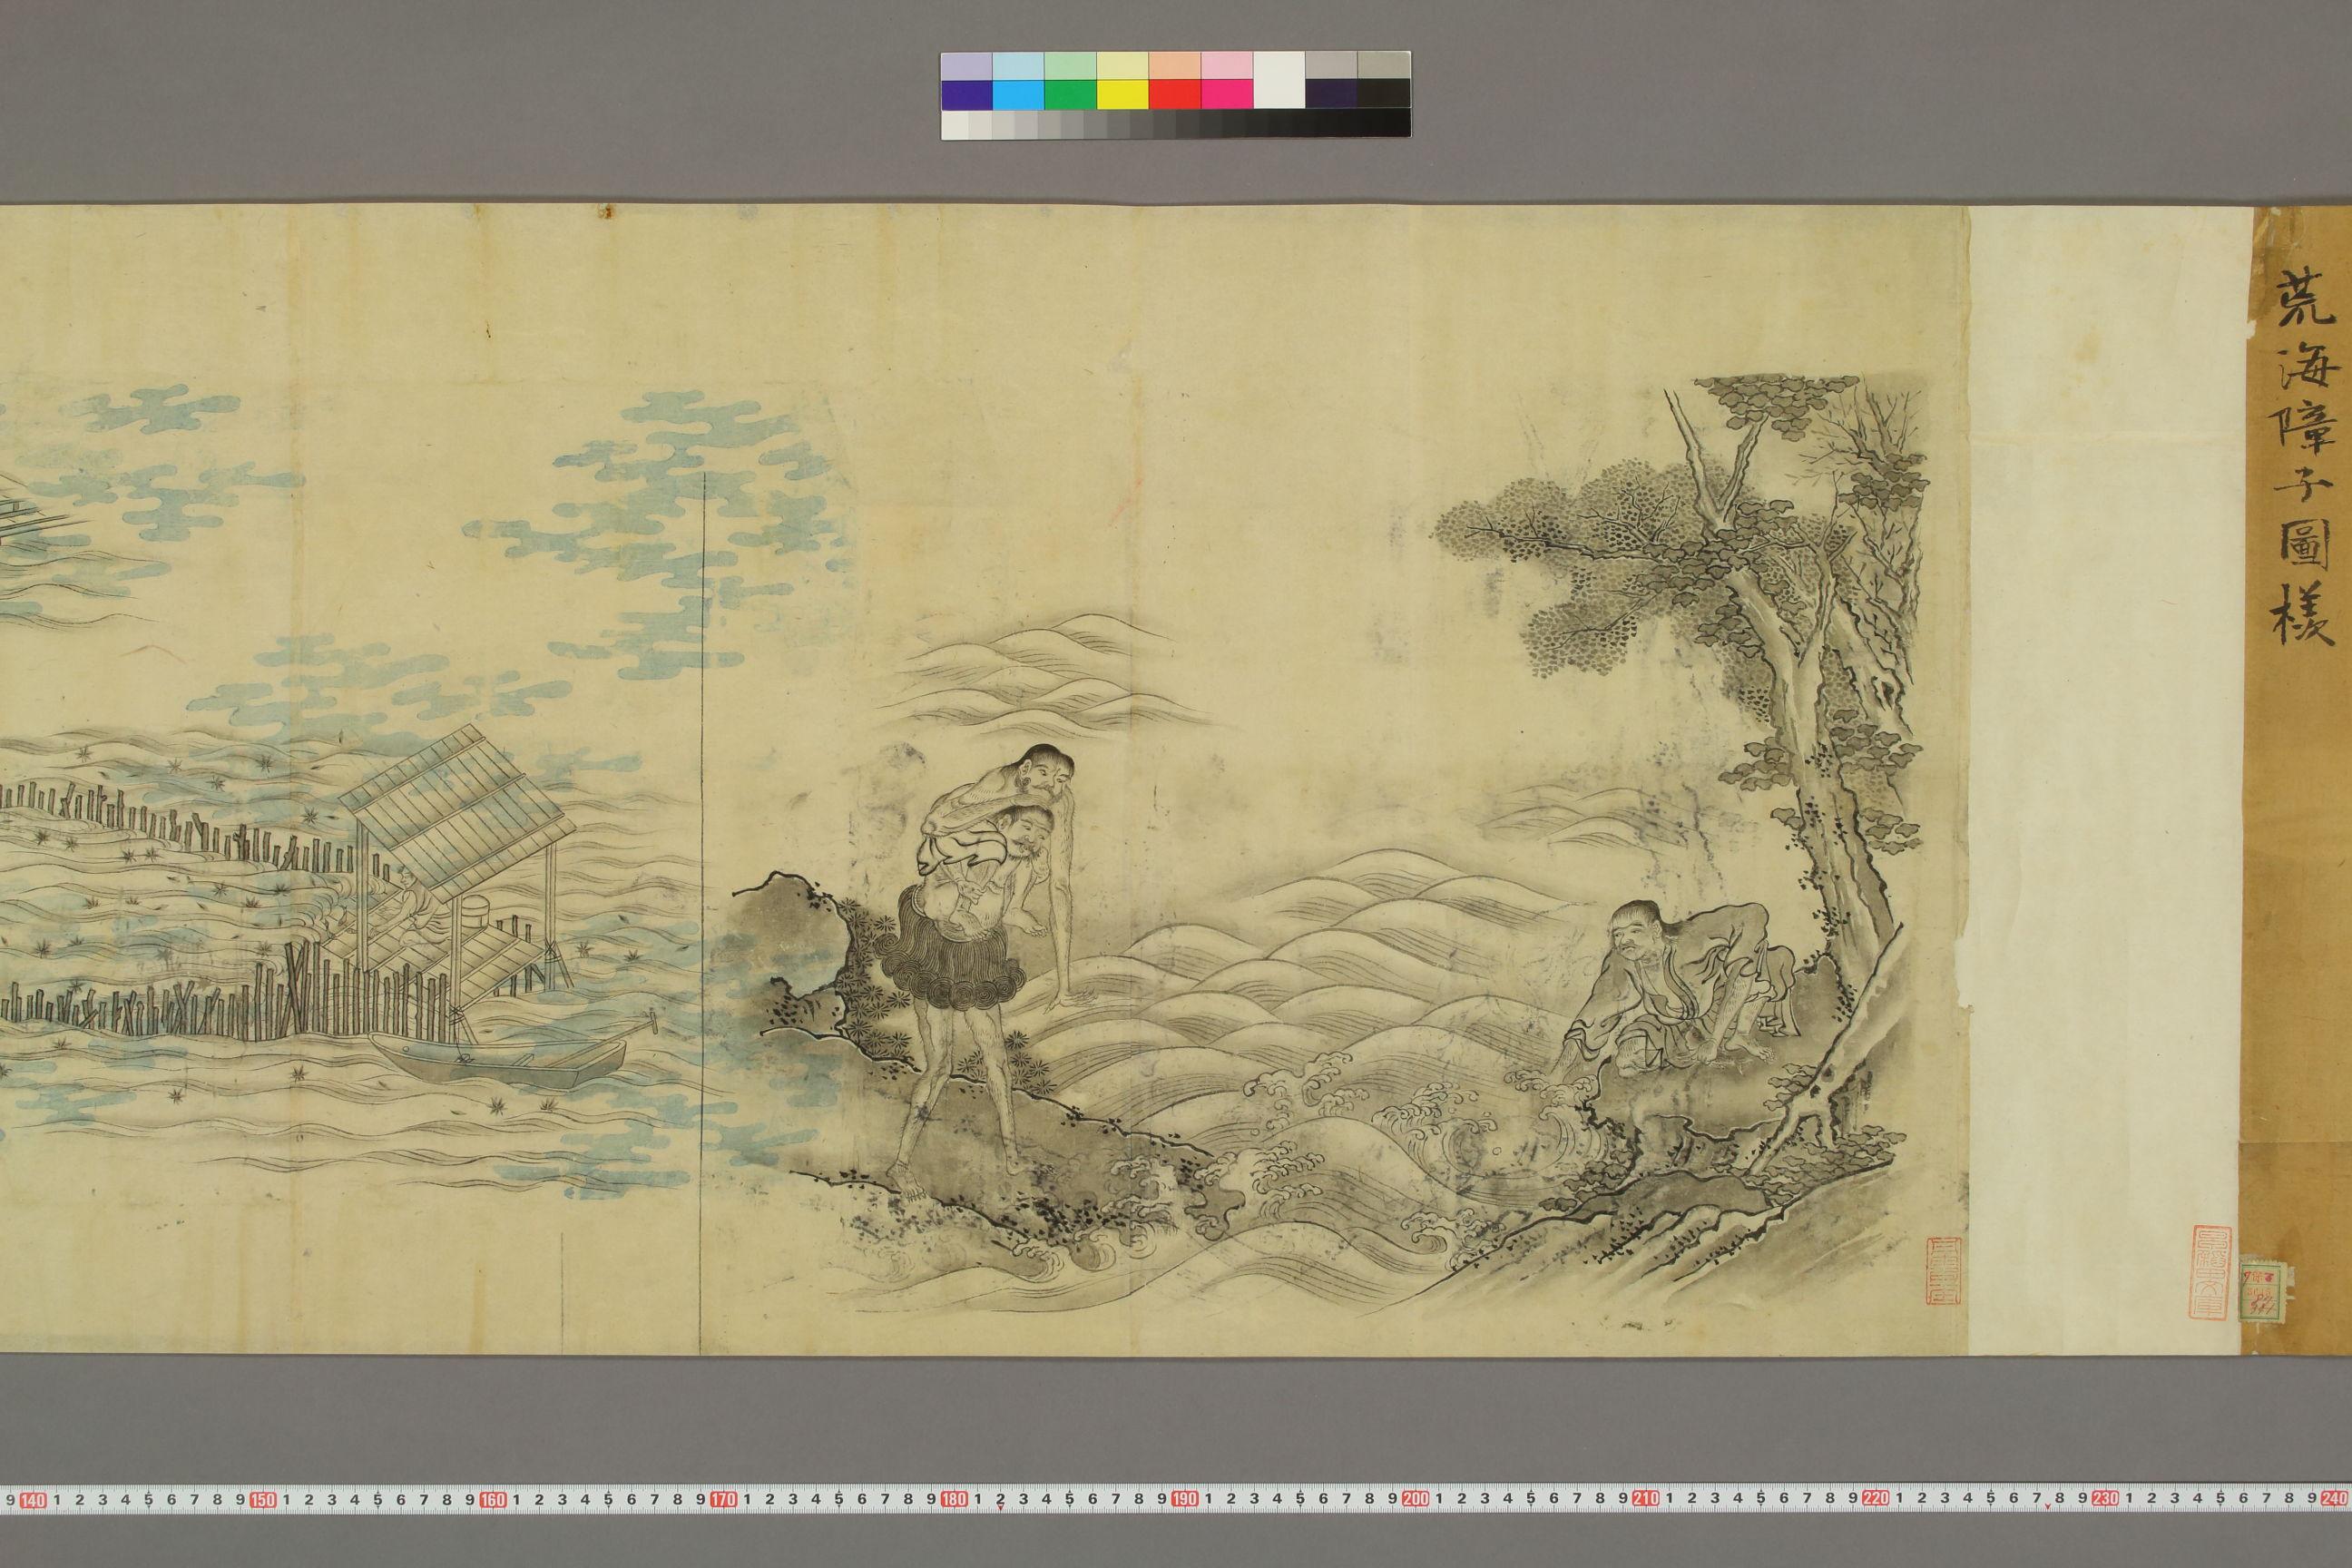 http://archive.wul.waseda.ac.jp/kosho/wa03/wa03_03645/wa03_03645_0087/wa03_03645_0087_p0001.jpg